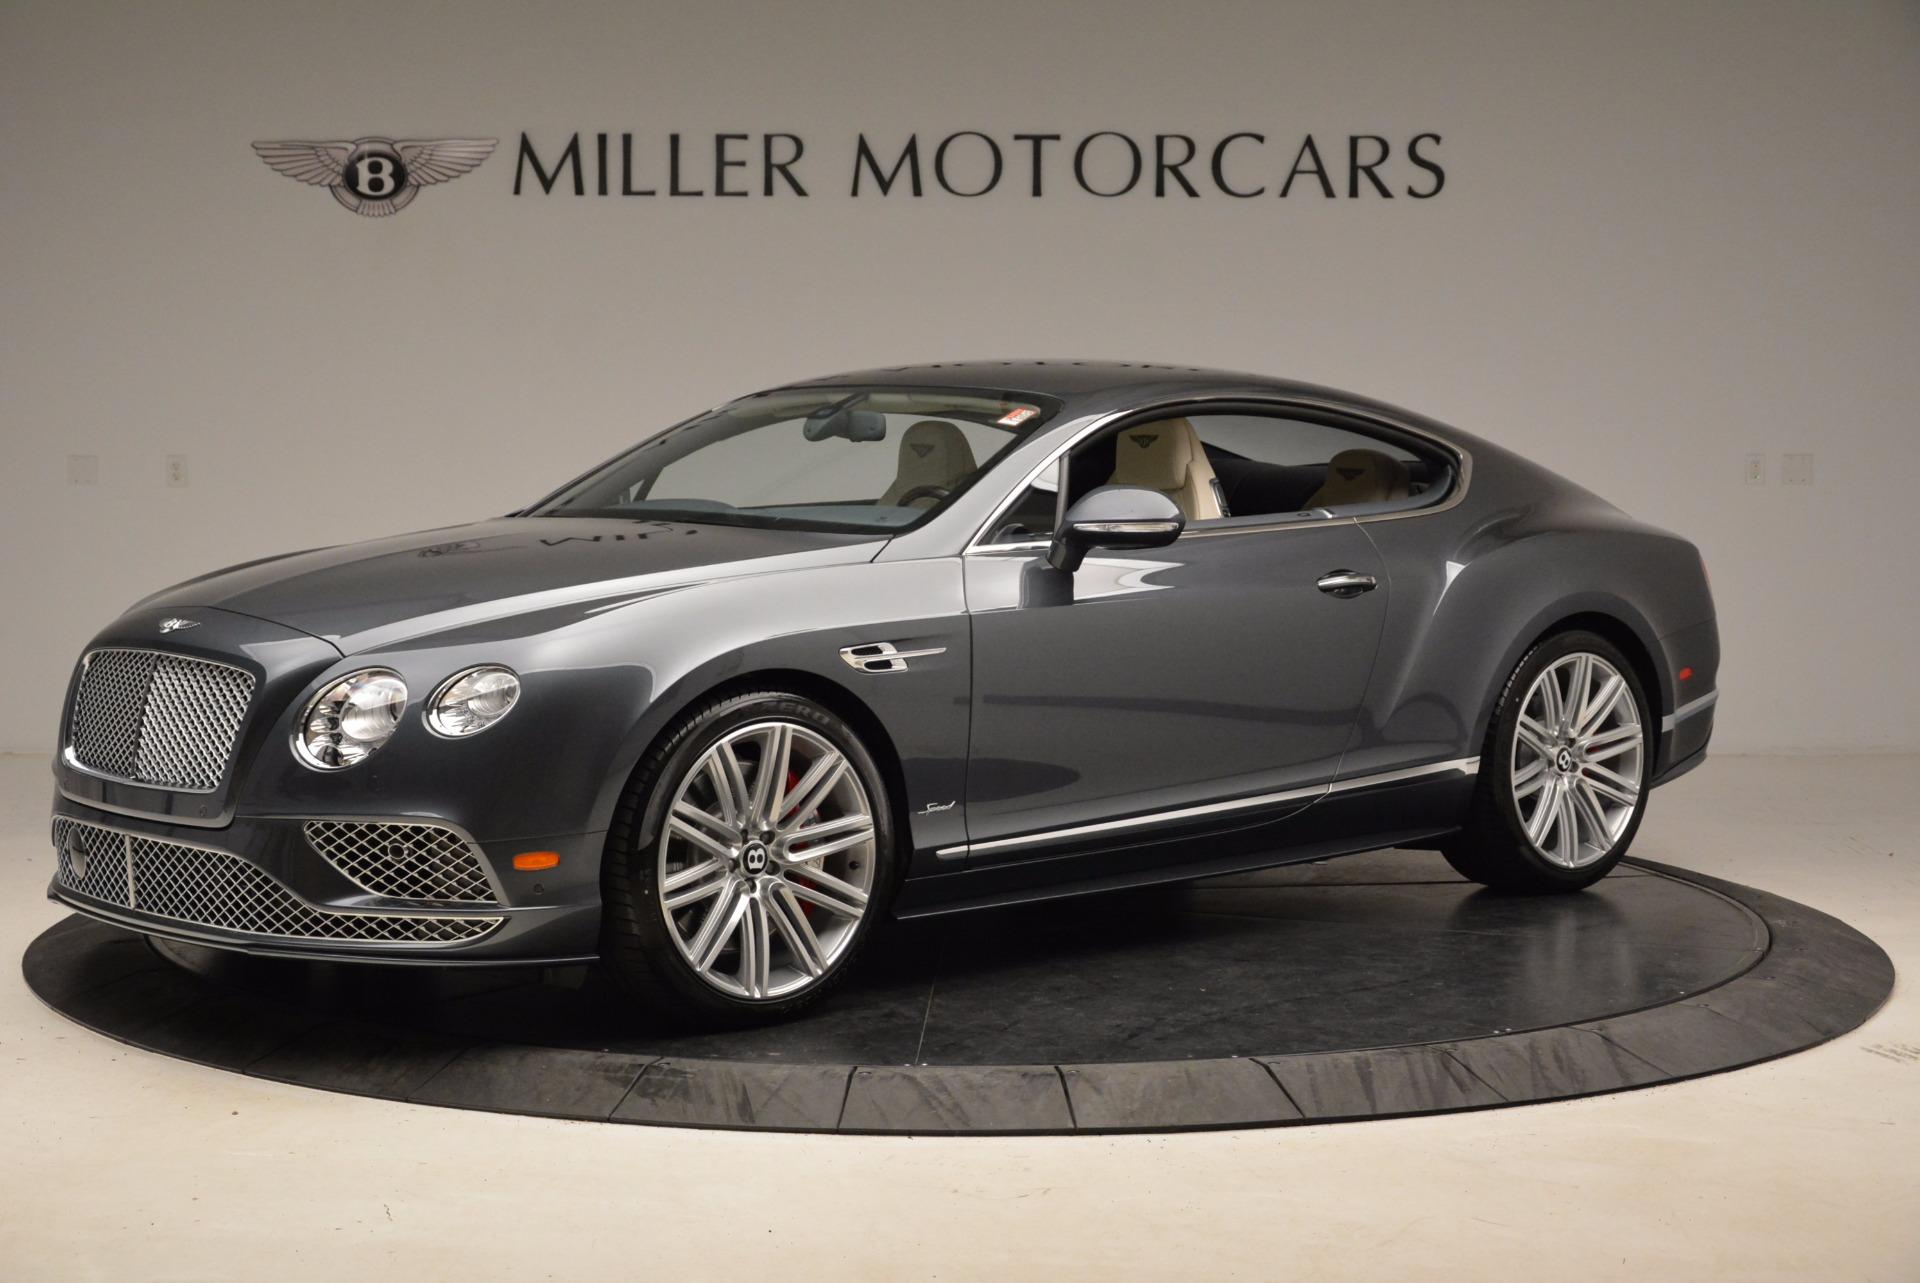 New 2017 Bentley Continental GT Speed For Sale In Westport, CT 1715_p2